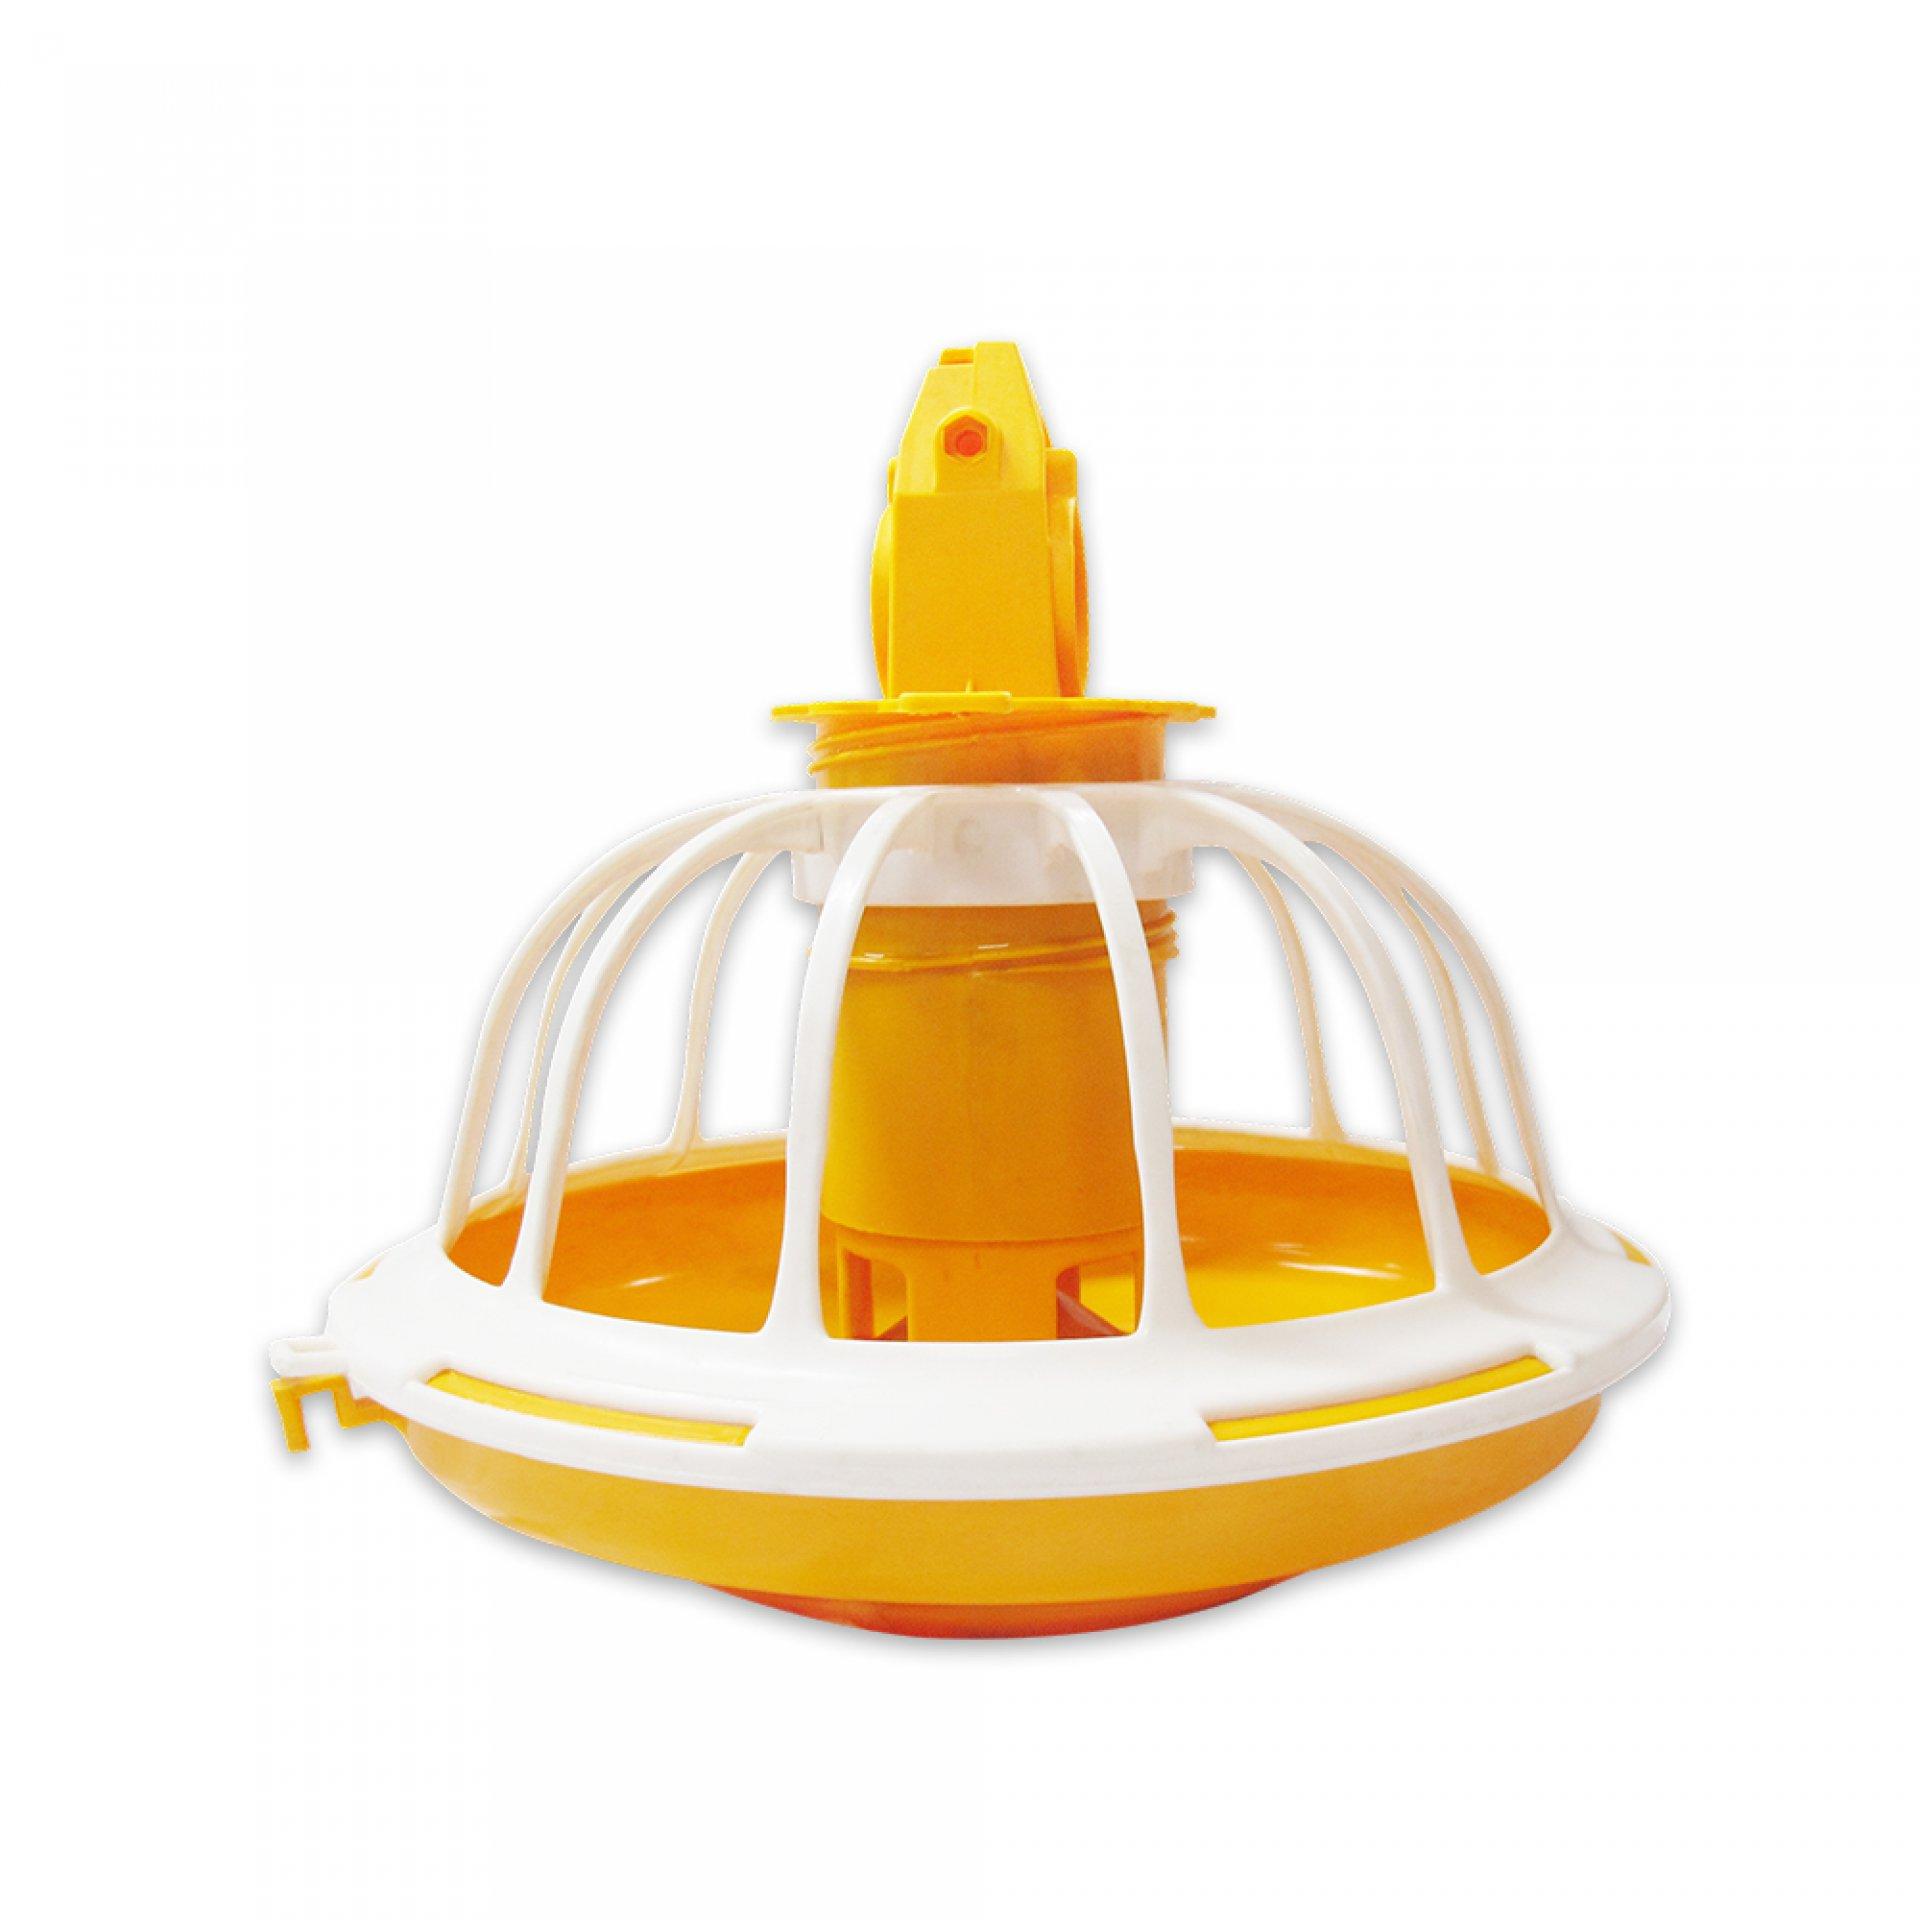 bym02-0202-broyler-feeder-pan